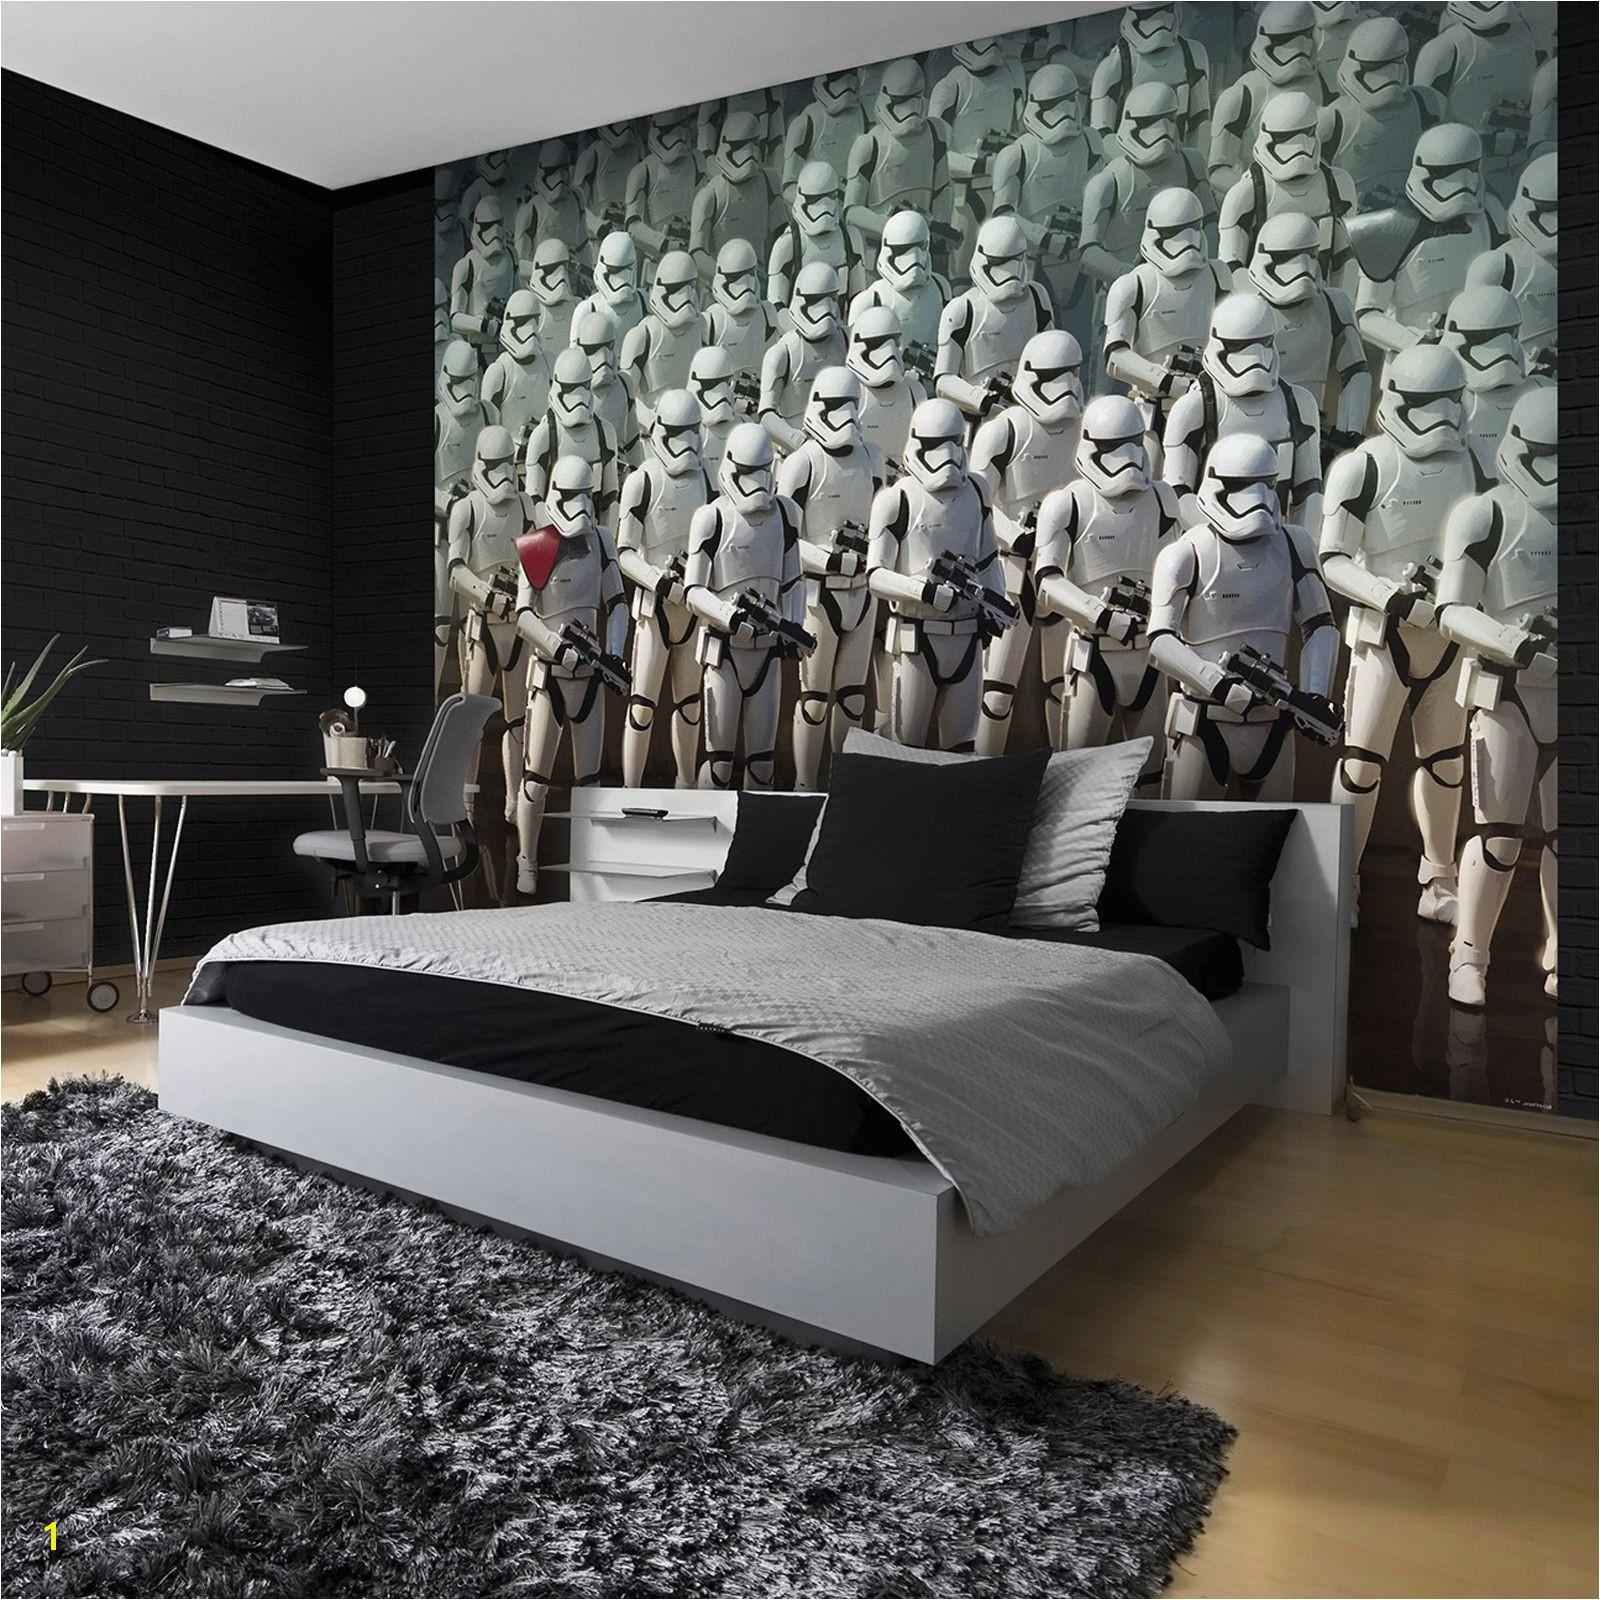 Star Wars Murals for Bedrooms Star Wars Stormtrooper Wall Mural Dream Bedroom …